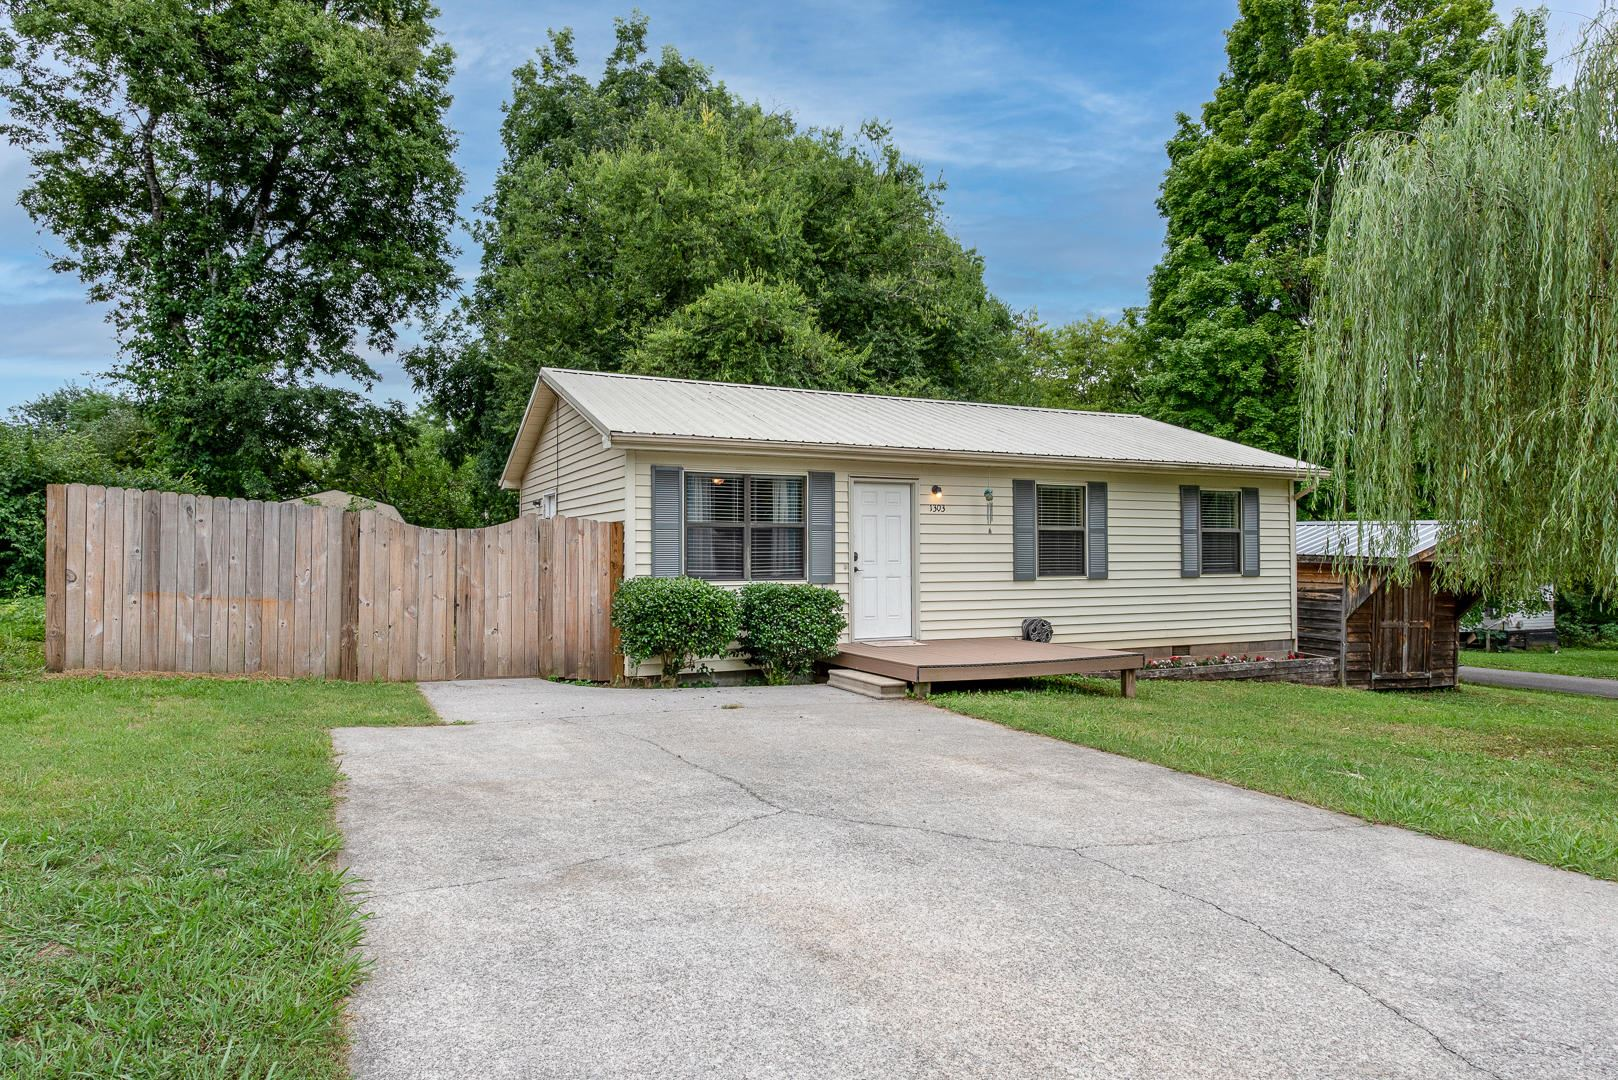 Photo of 1303 Mcadams Ave, Maryville, TN 37804 (MLS # 1161150)